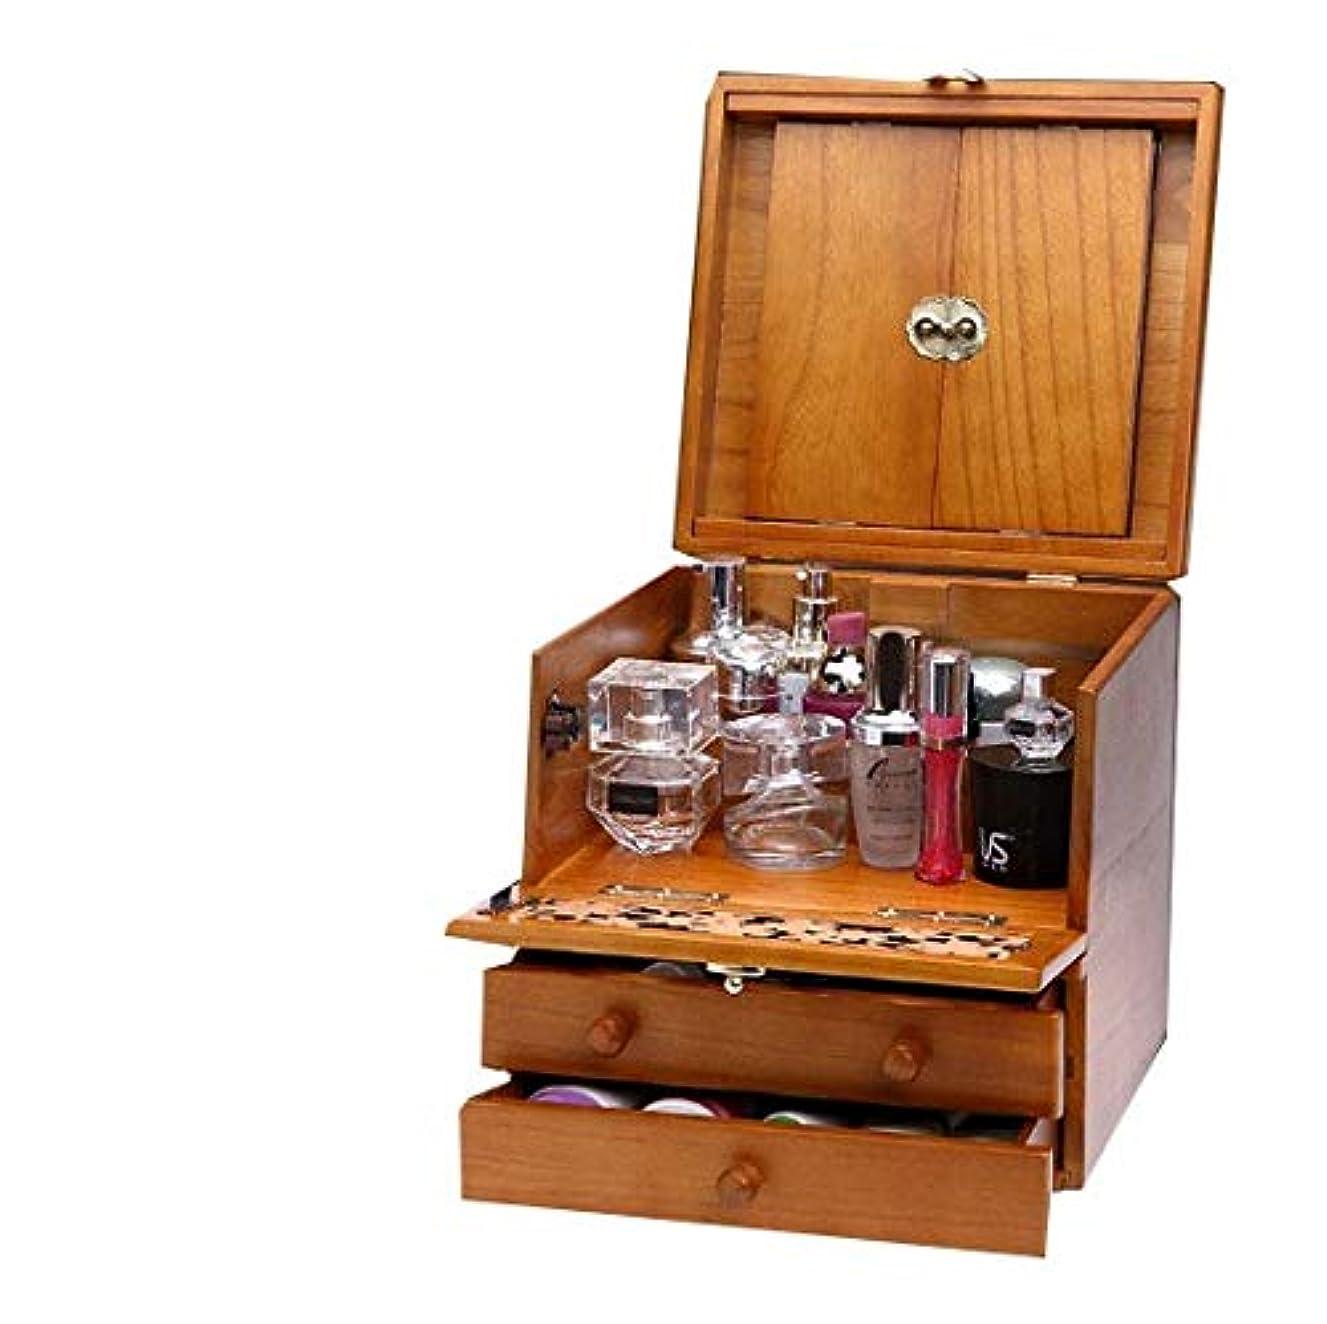 風メタルライン物理学者化粧箱、3層レトロ木製彫刻化粧ケース付きミラー、ハイエンドのウェディングギフト、新築祝いのギフト、美容ネイルジュエリー収納ボックス